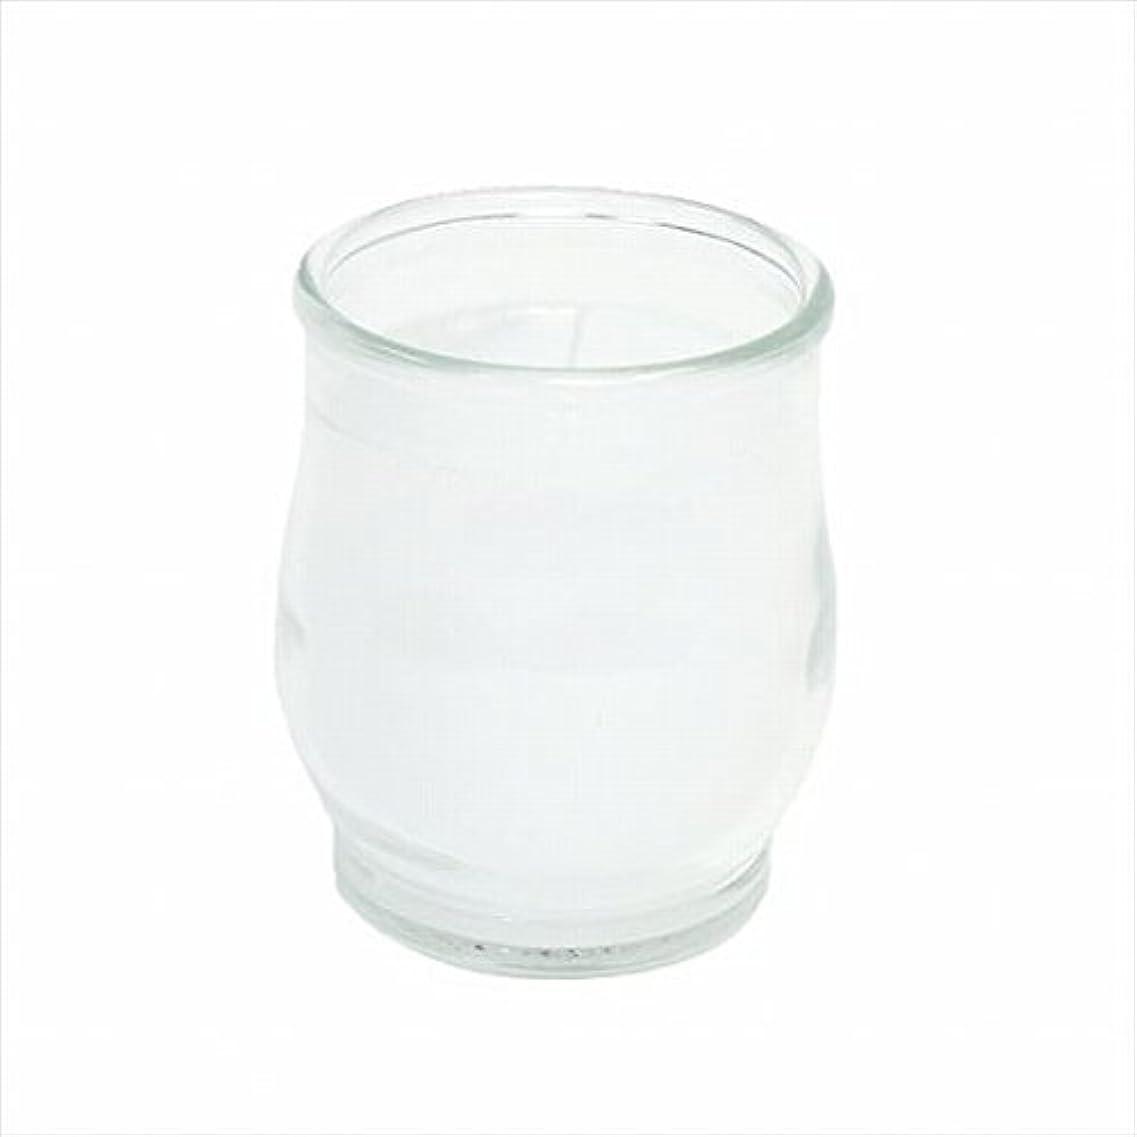 降ろす群衆音楽カメヤマキャンドル(kameyama candle) ポシェ(非常用コップローソク) 「 クリア 」